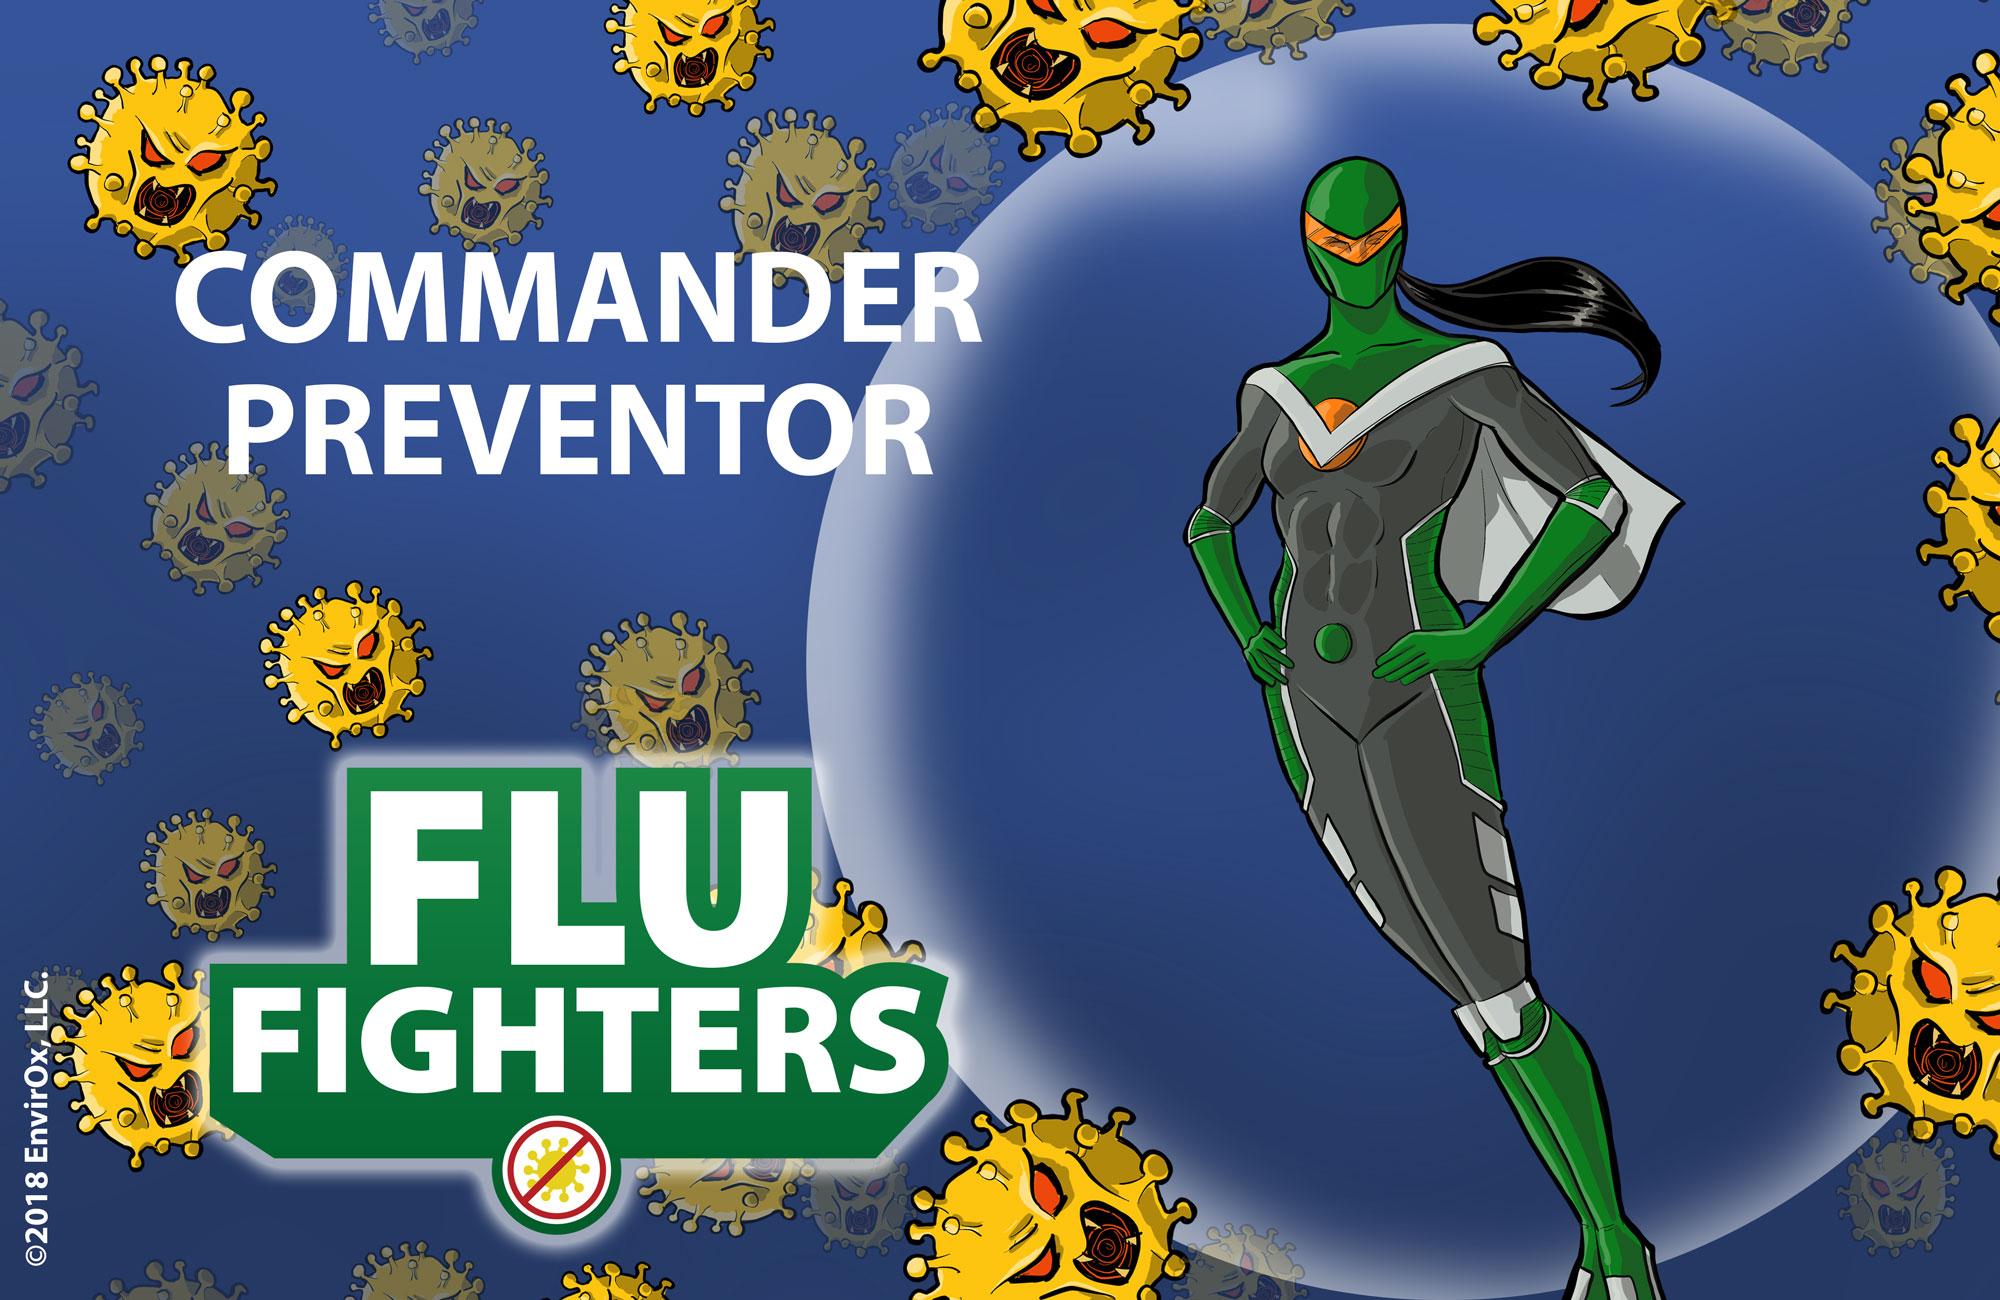 Commander Preventor